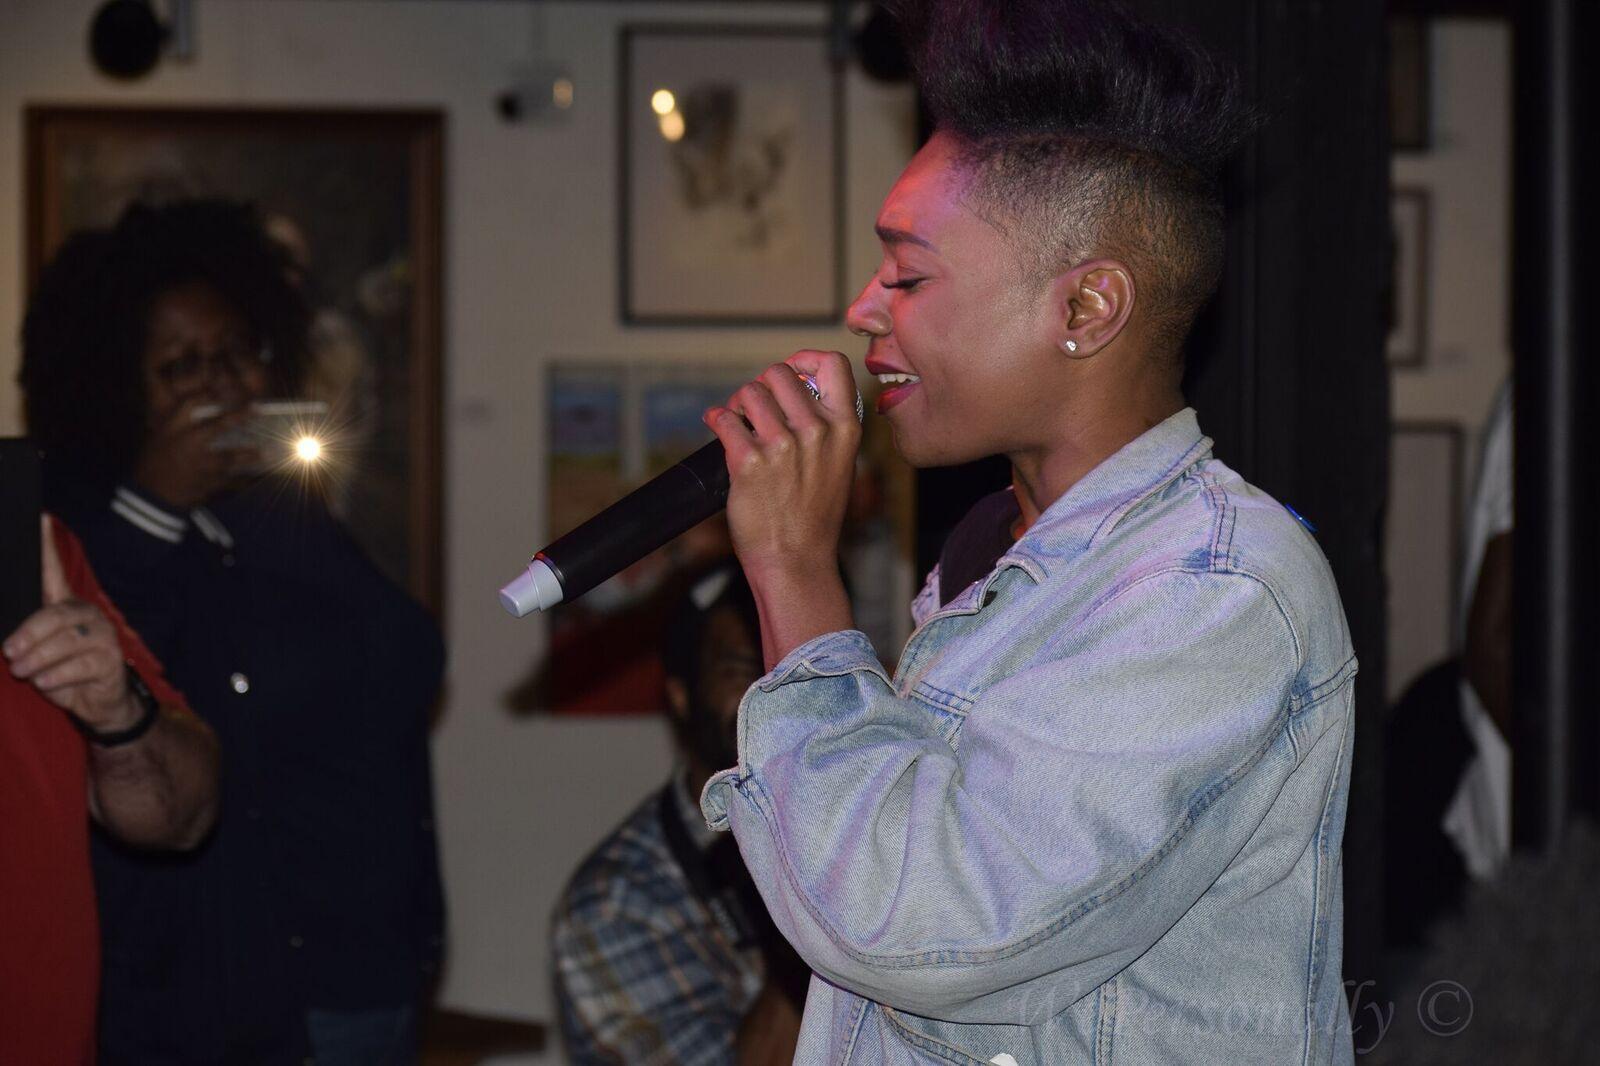 short haired girl singer imurj.jpeg